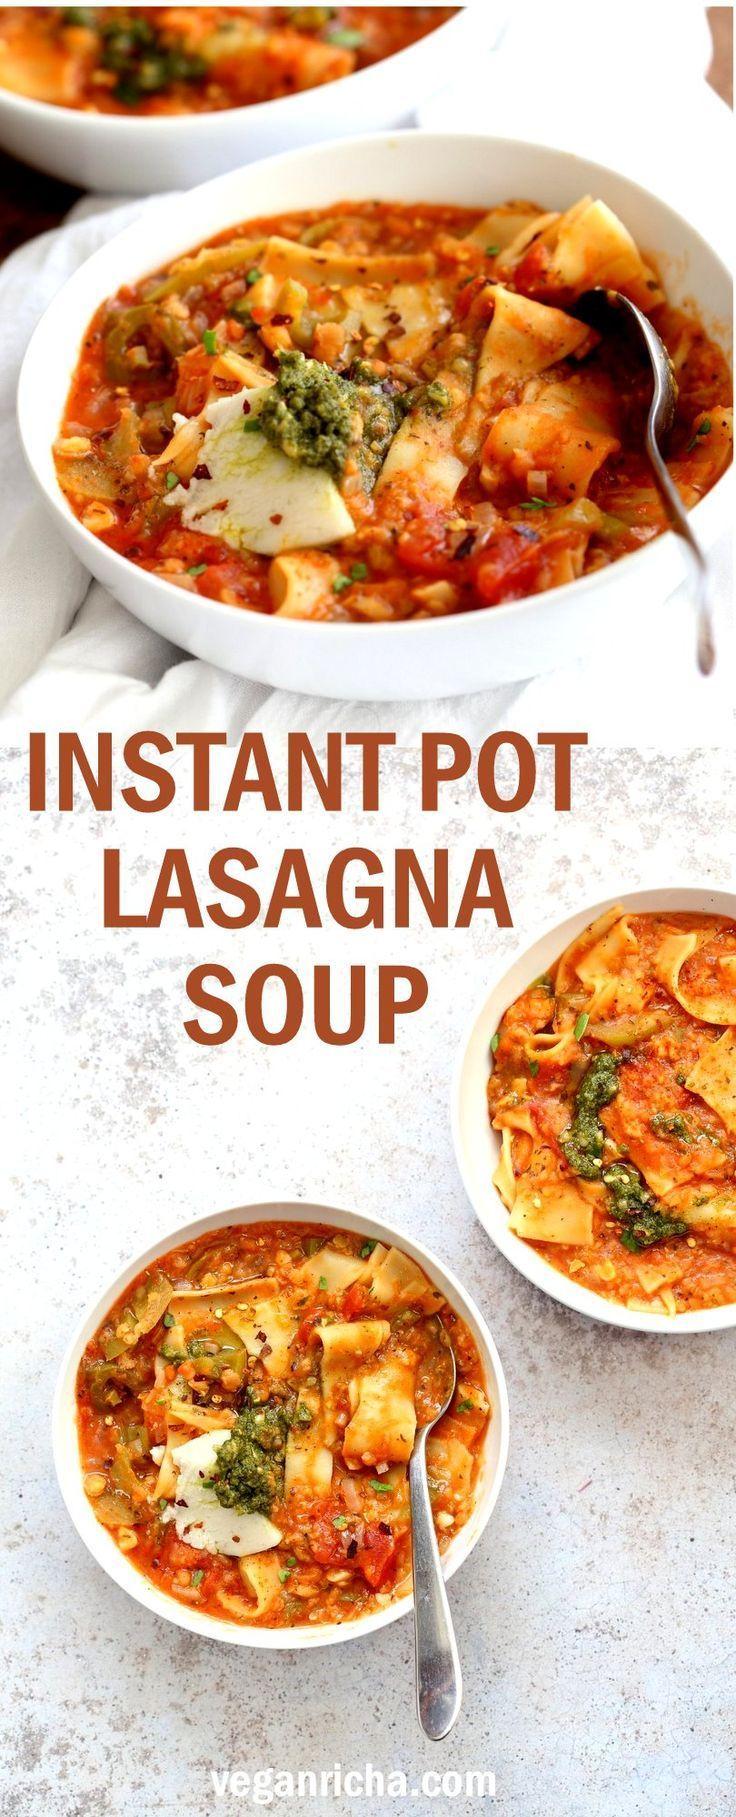 Instant Pot Lasagna Soup Vegan Lasagna Soup Recipe Food Recipes Lasagna Soup Soup Recipes